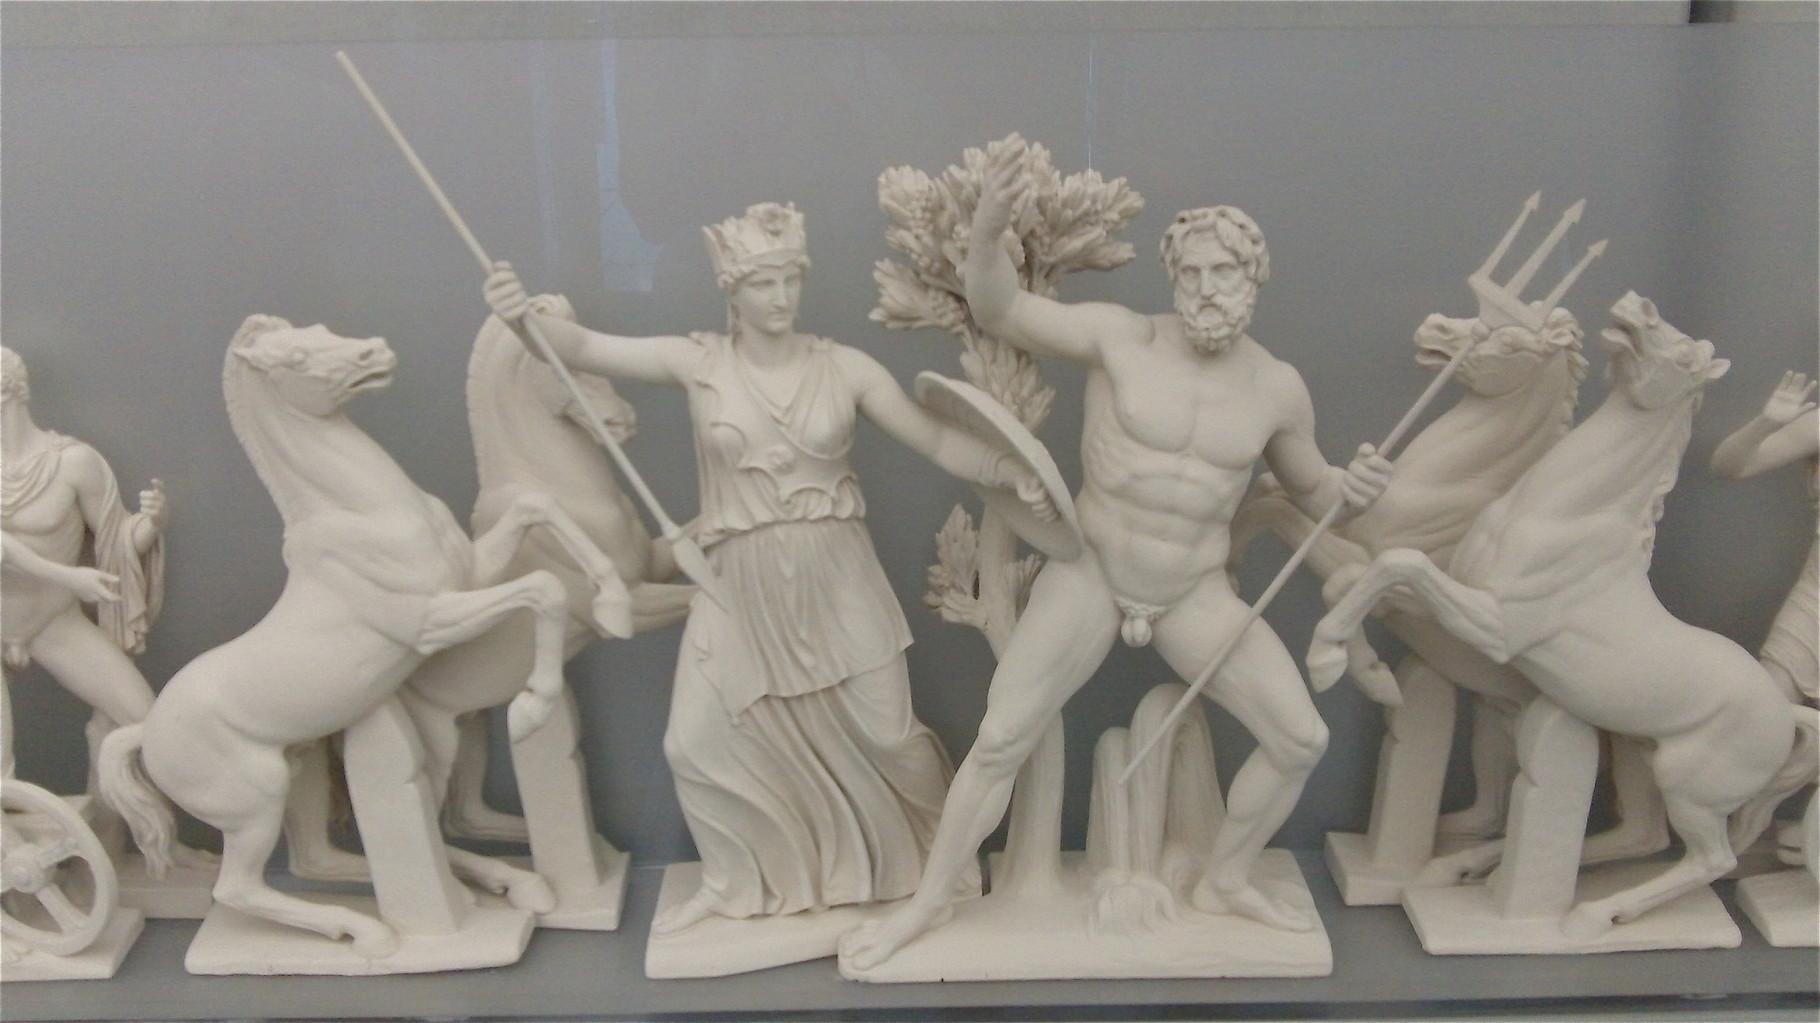 Athena and Poseidon, Acropolis Museum